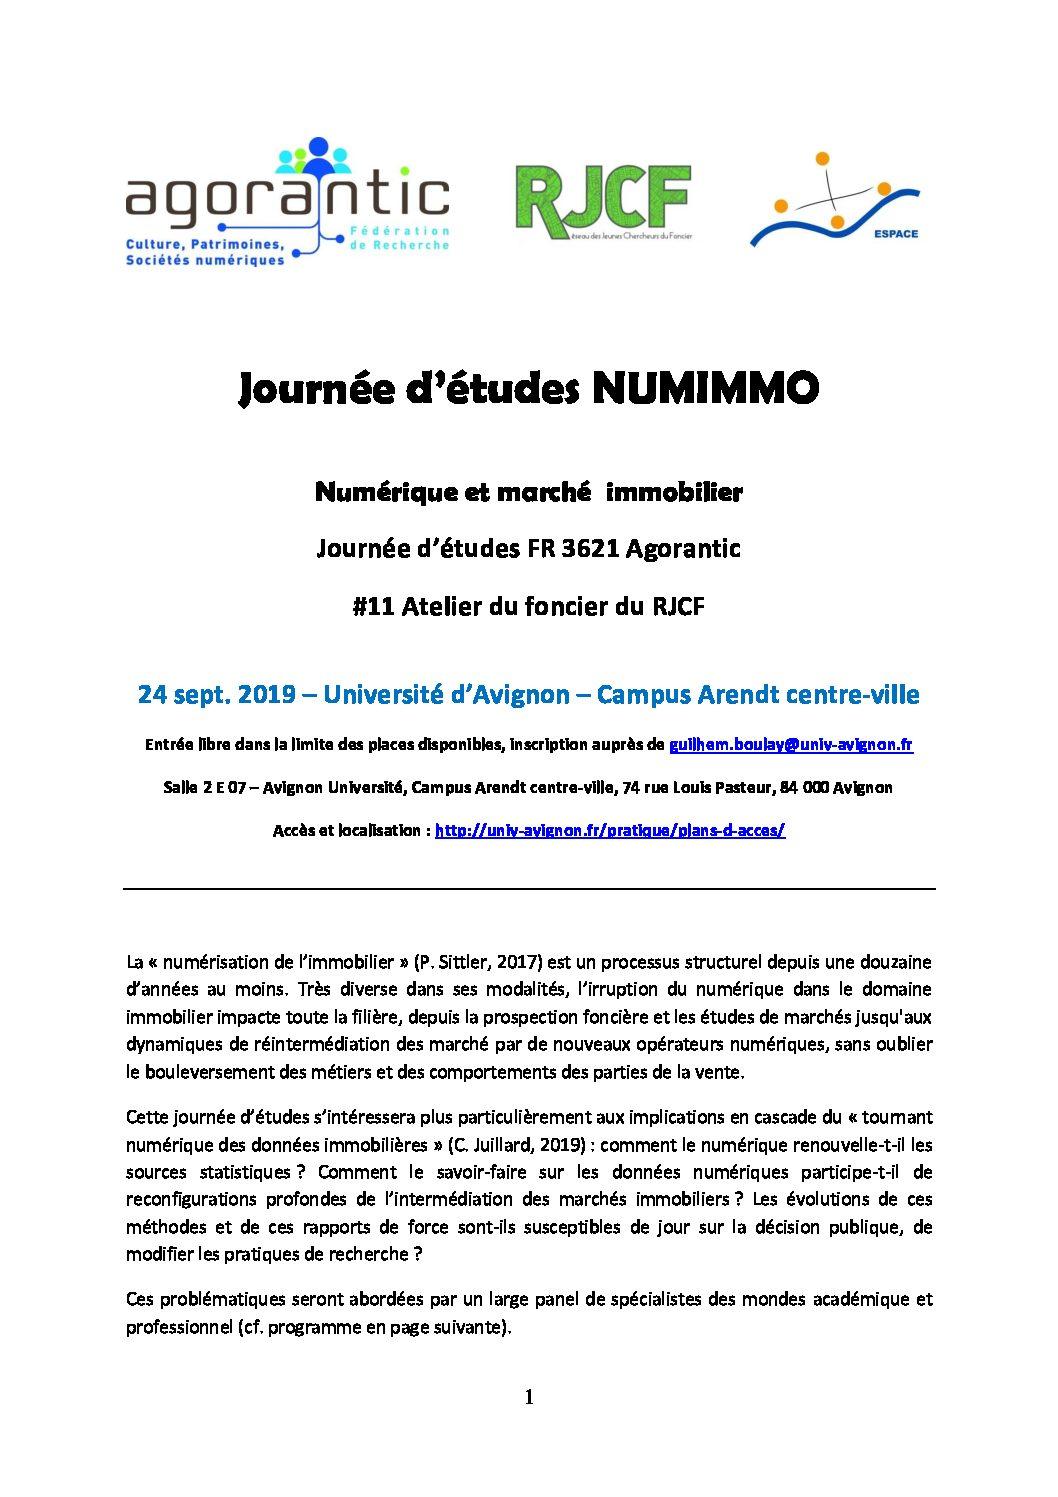 Numerique et marchés immobiliers : les chercheurs se réunissent à Avignon le 24 septembre prochain